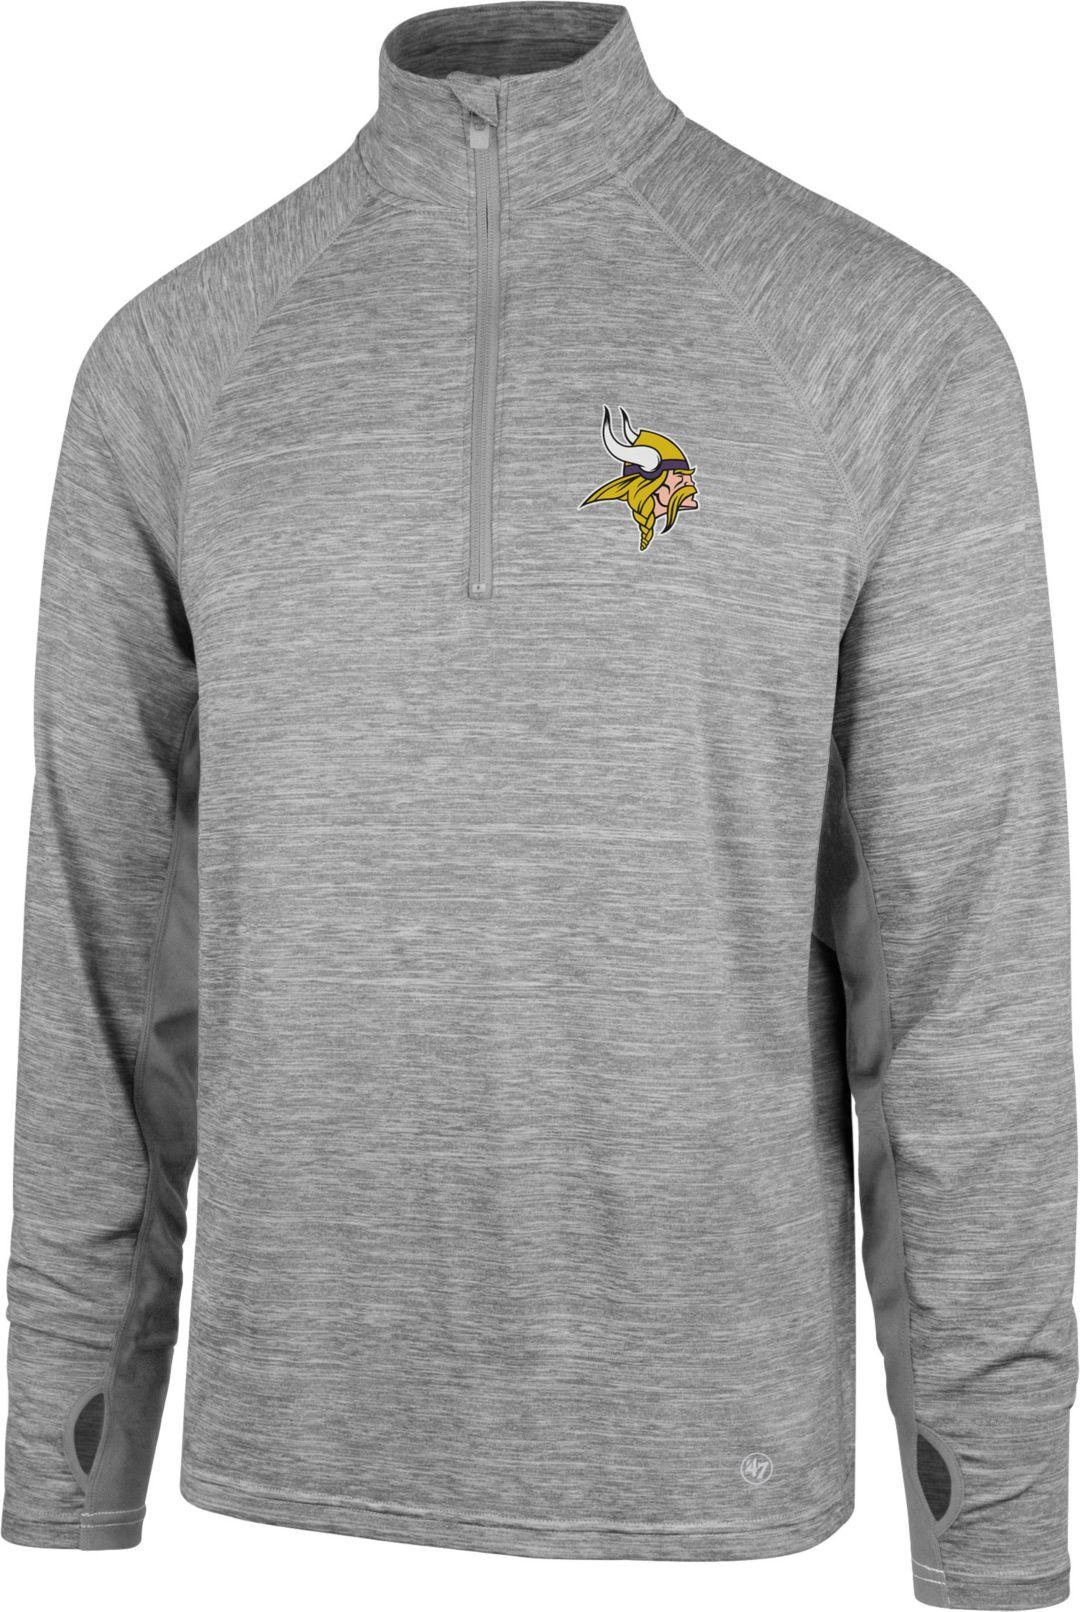 Cheap 47 Men's Minnesota Vikings Forward Grey Quarter Zip Pullover  for sale